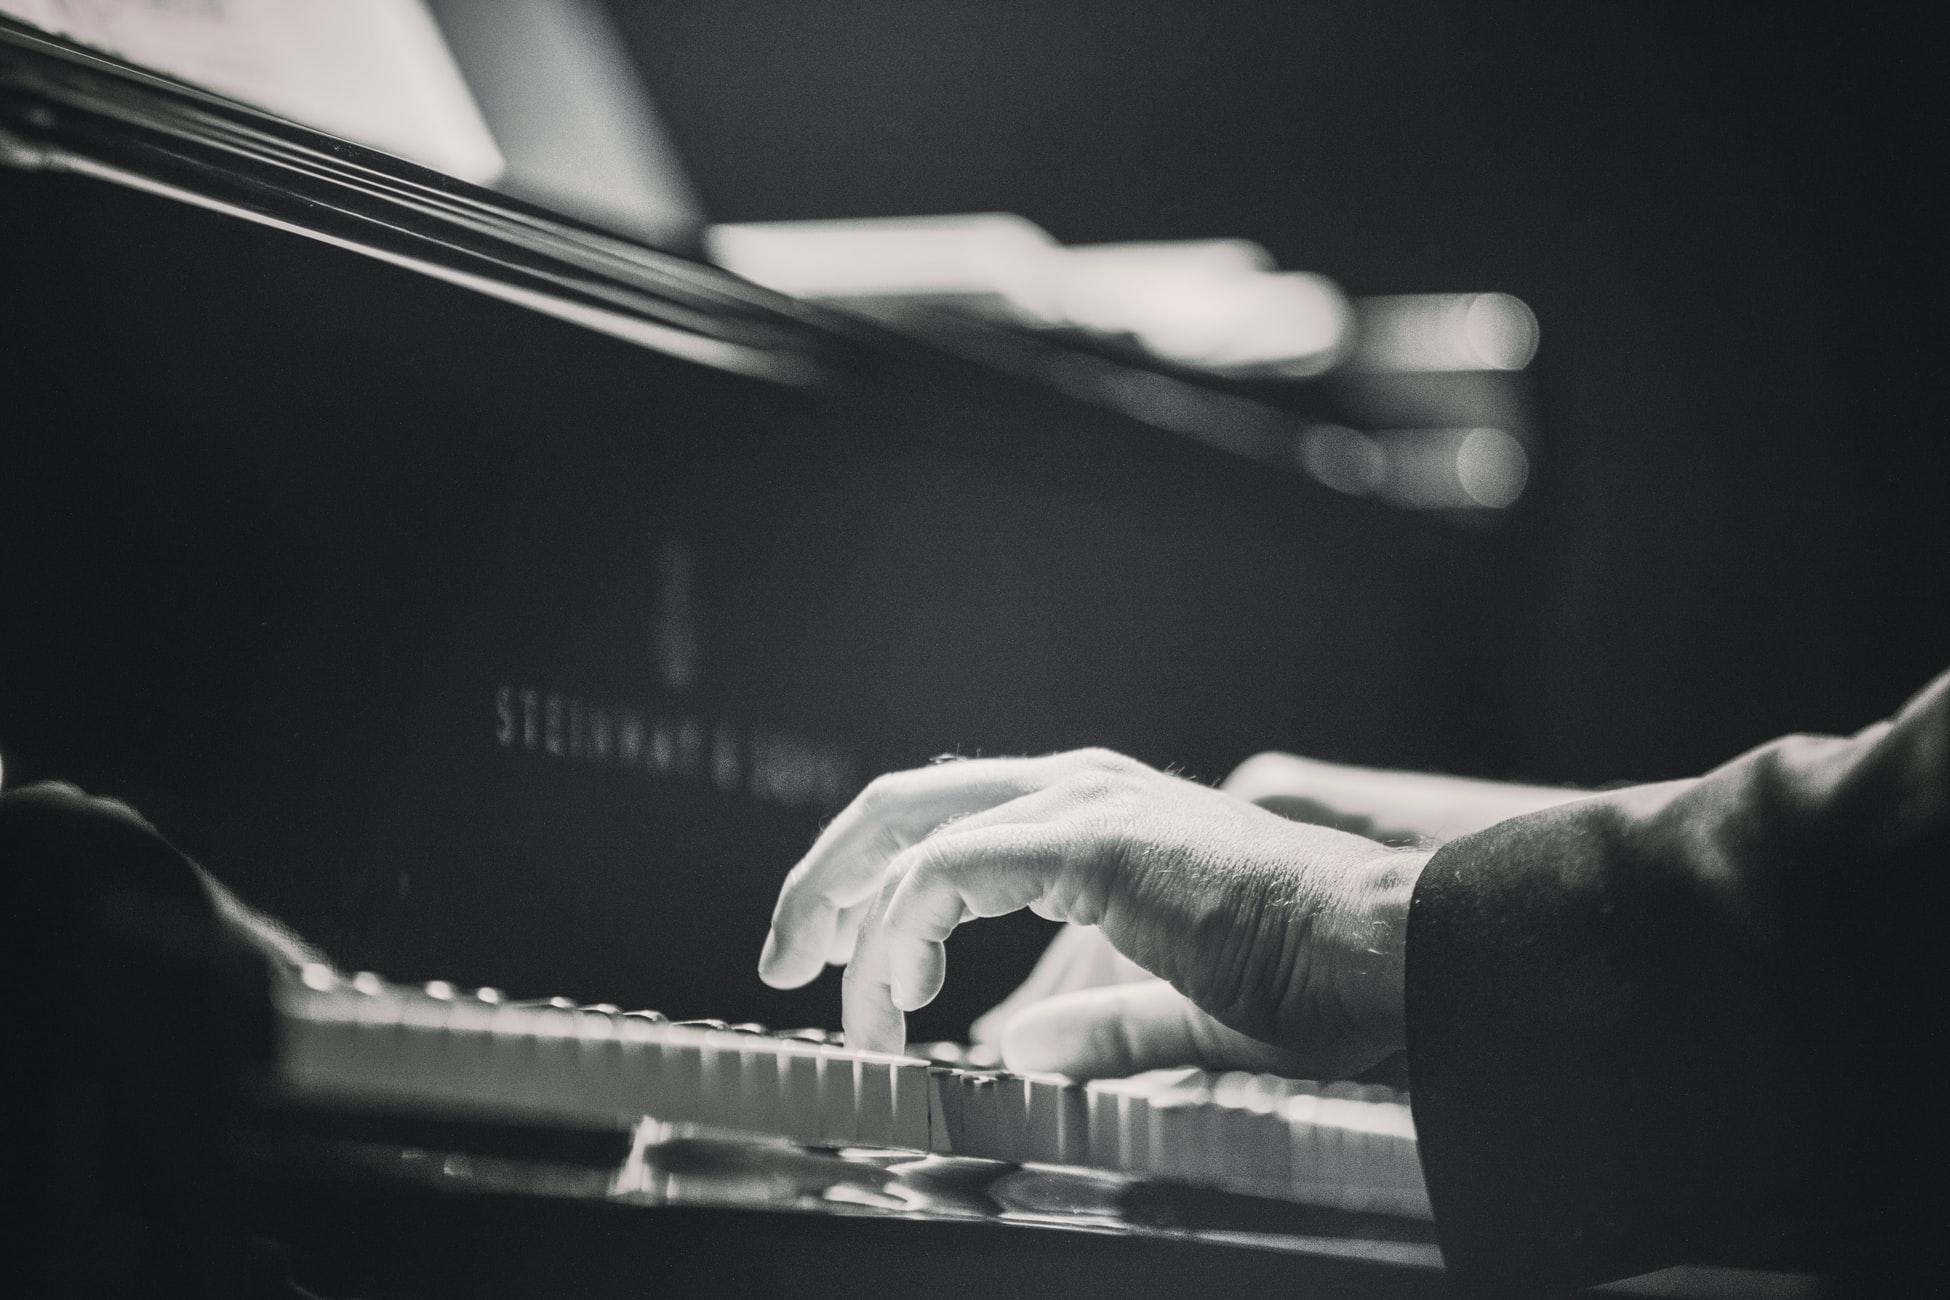 【何が違う?】クラシックピアノ?ジャズピアノ?ポピュラーピアノ?